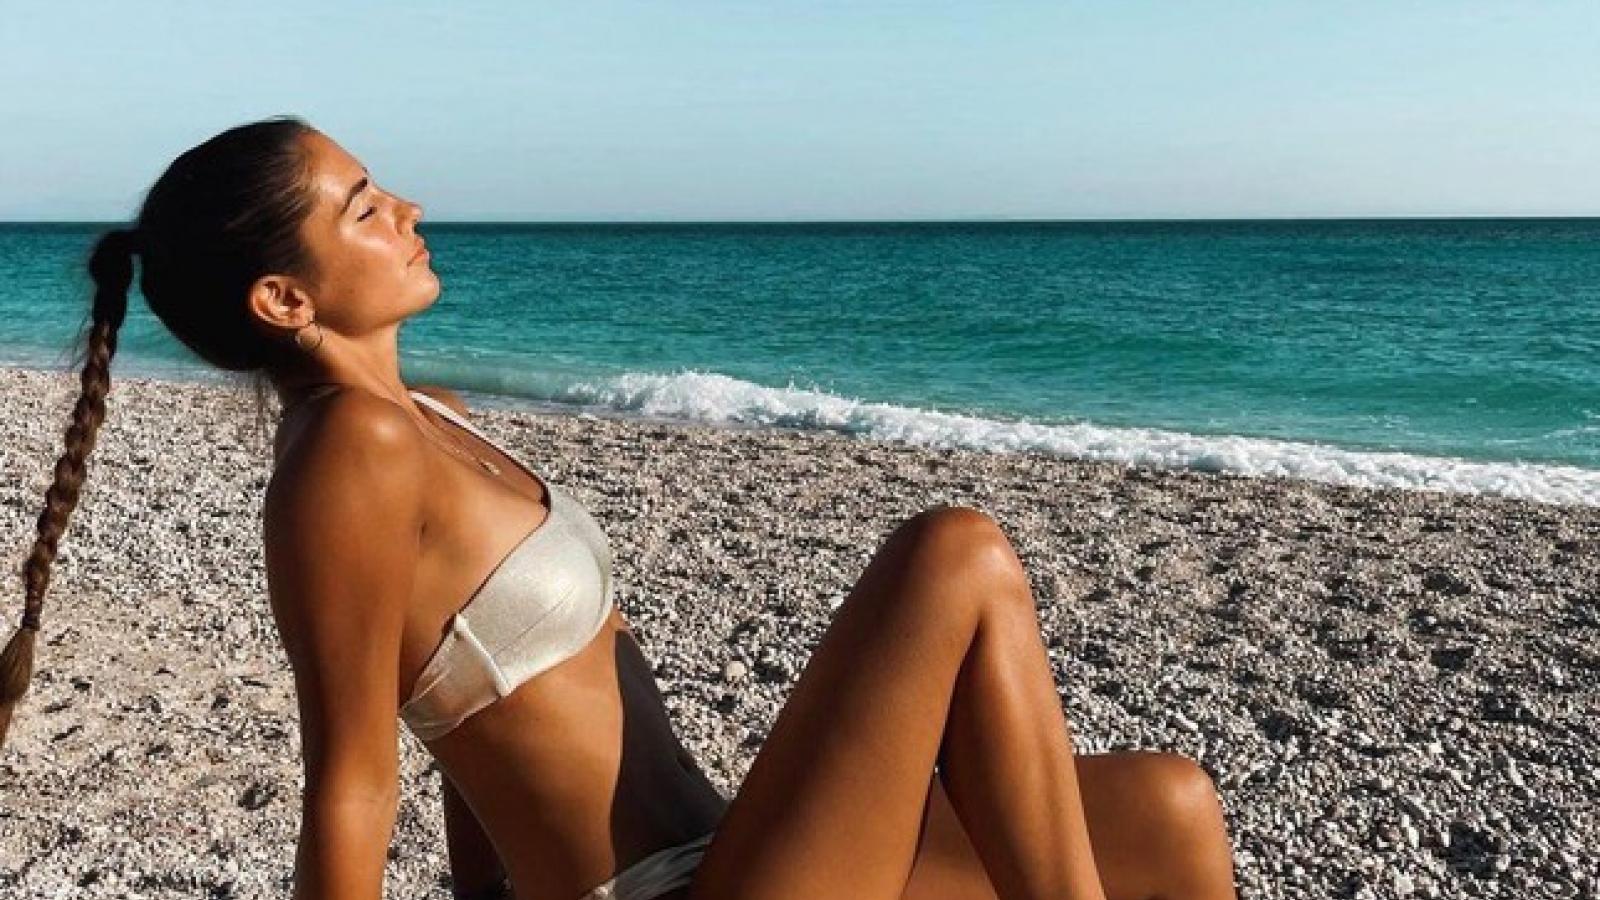 Người đẹp nói được 5 thứ tiếng trở thành Hoa hậu Trái đất Kosovo 2021